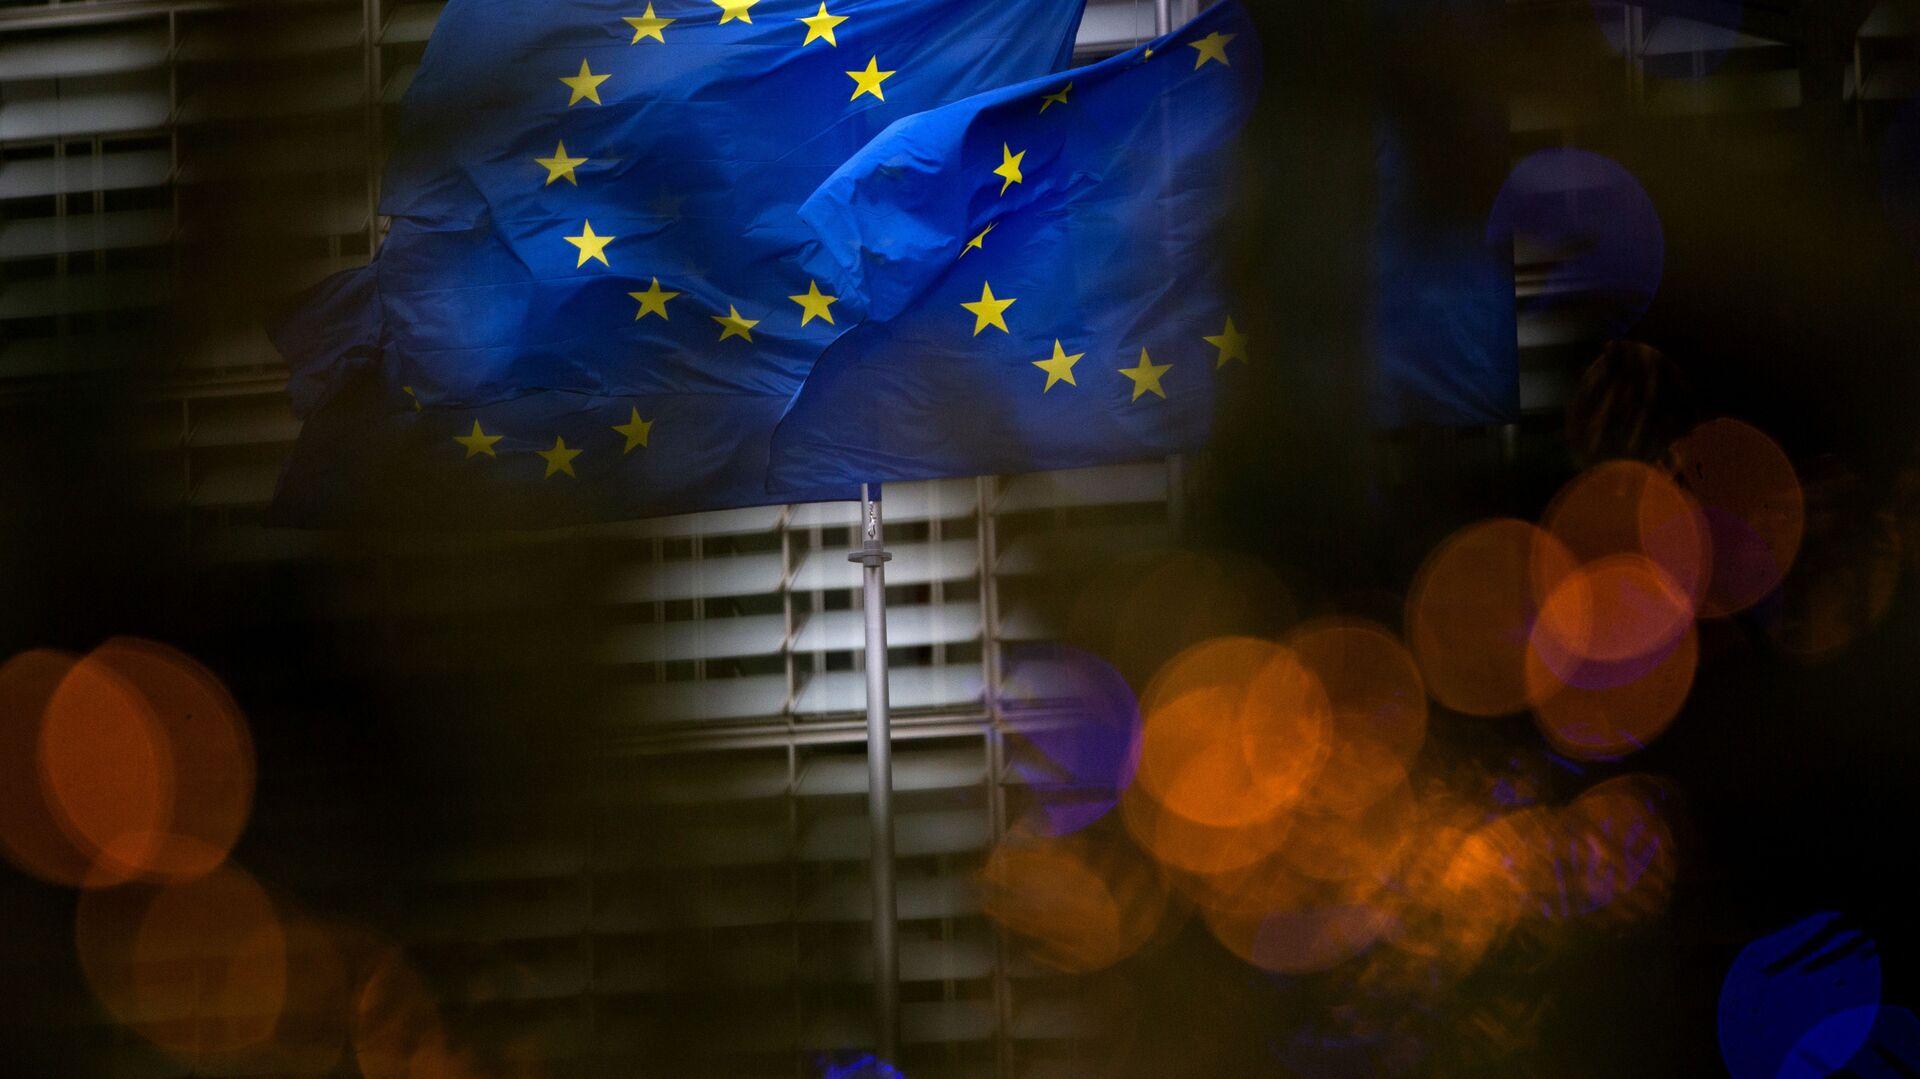 Drapeaux européens sur fond du QG de l'UE à Bruxelles - Sputnik France, 1920, 15.09.2021